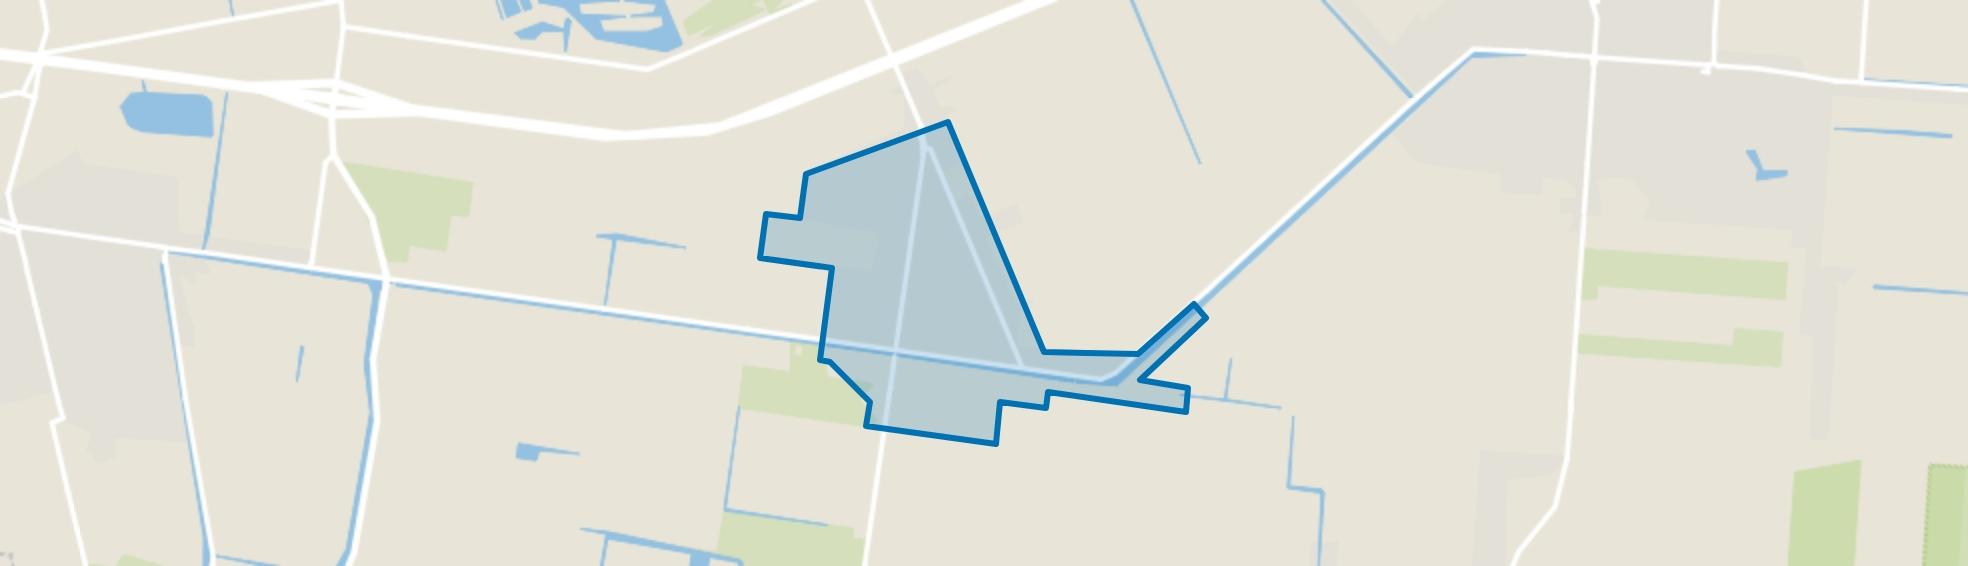 Erica-Centrum, Erica map